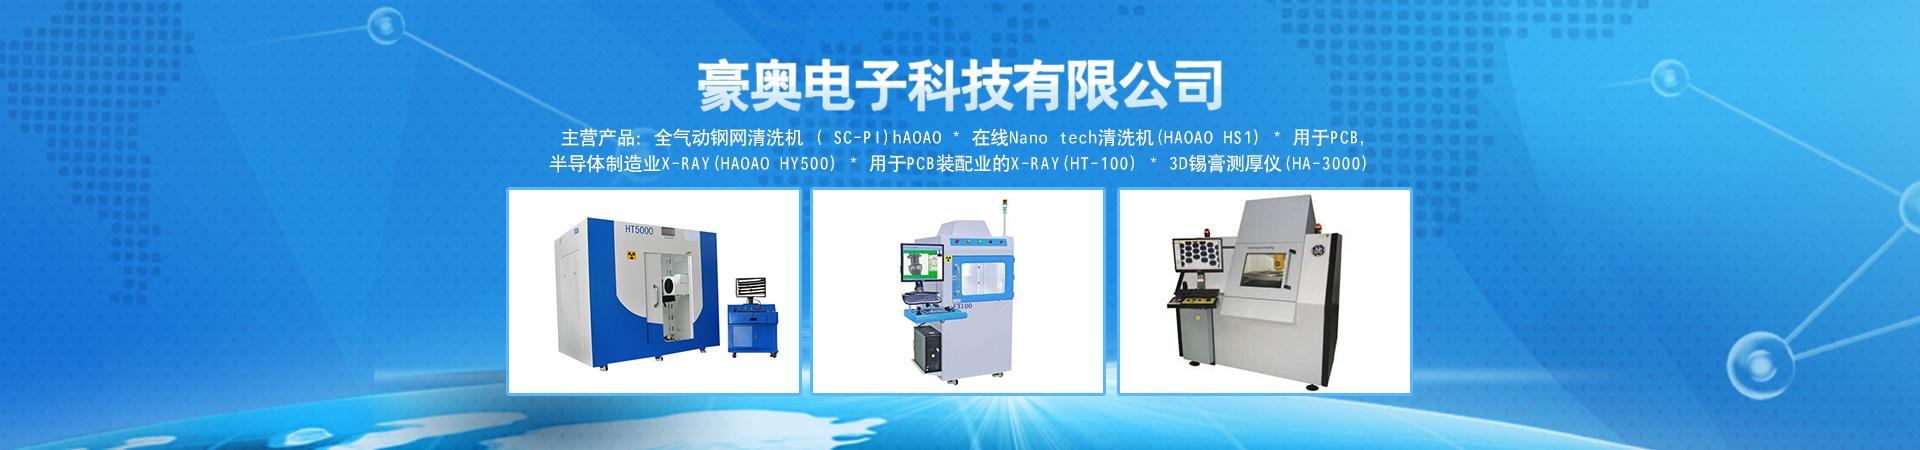 中外 科技 活动海报